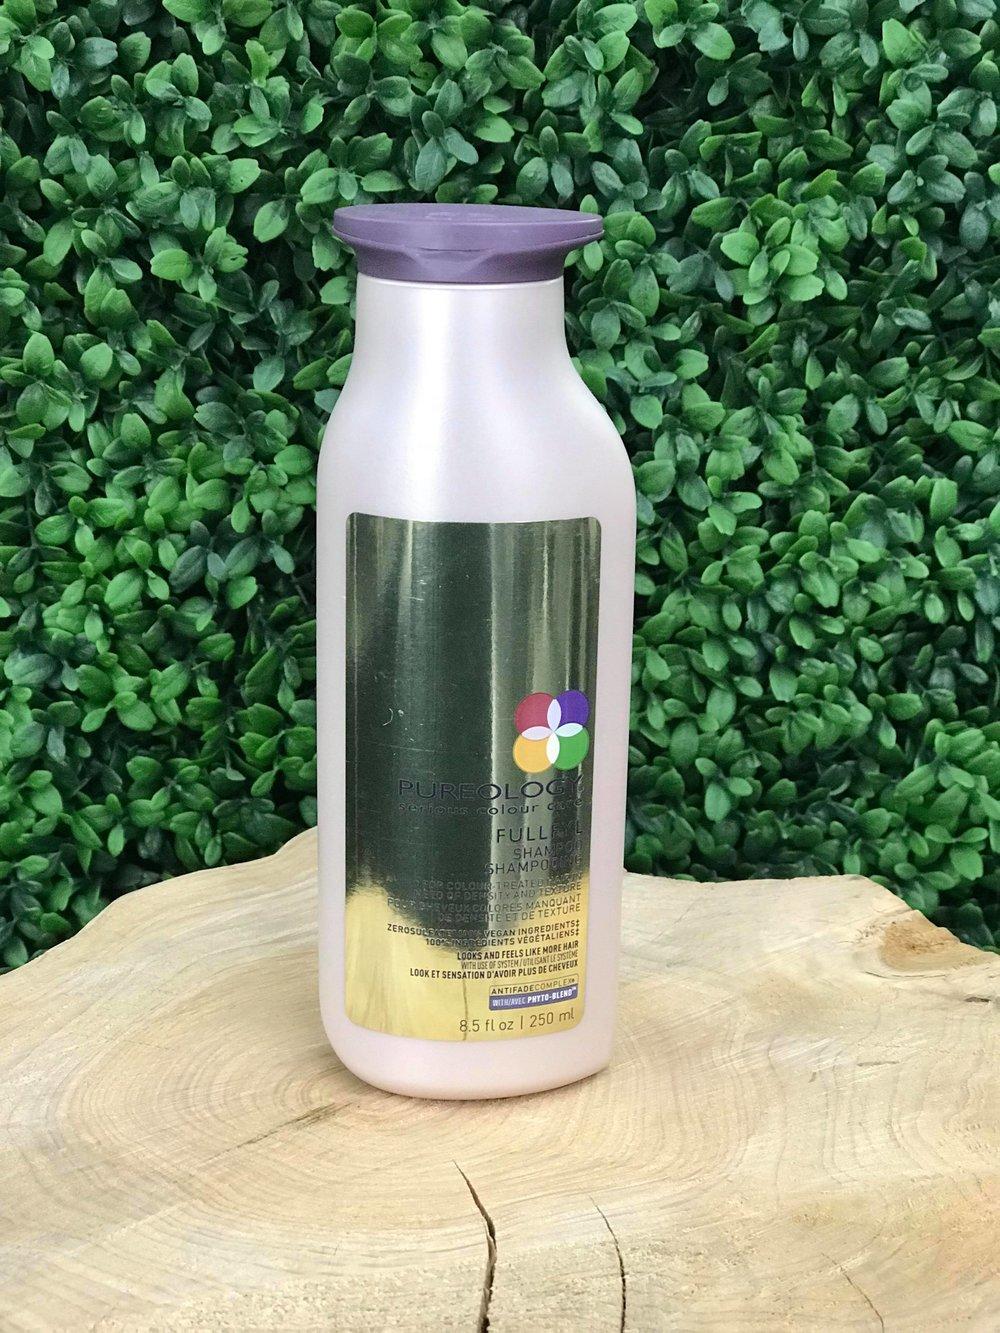 Fullfyl Shampoo 250ml - $41.00